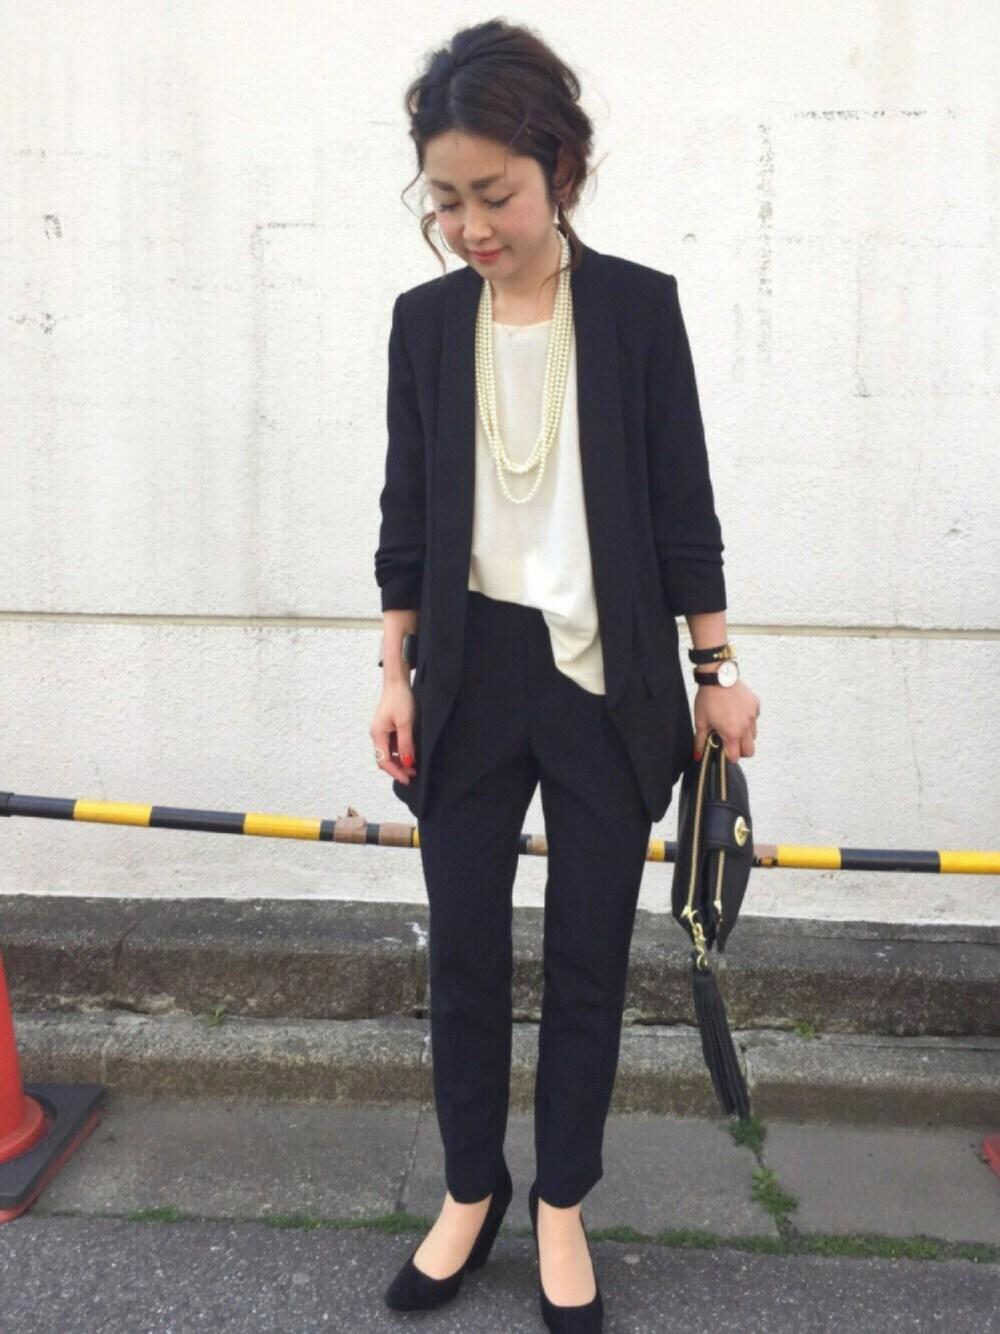 幼稚園 保護者 かっこいい黒のパンツスーツ 写真